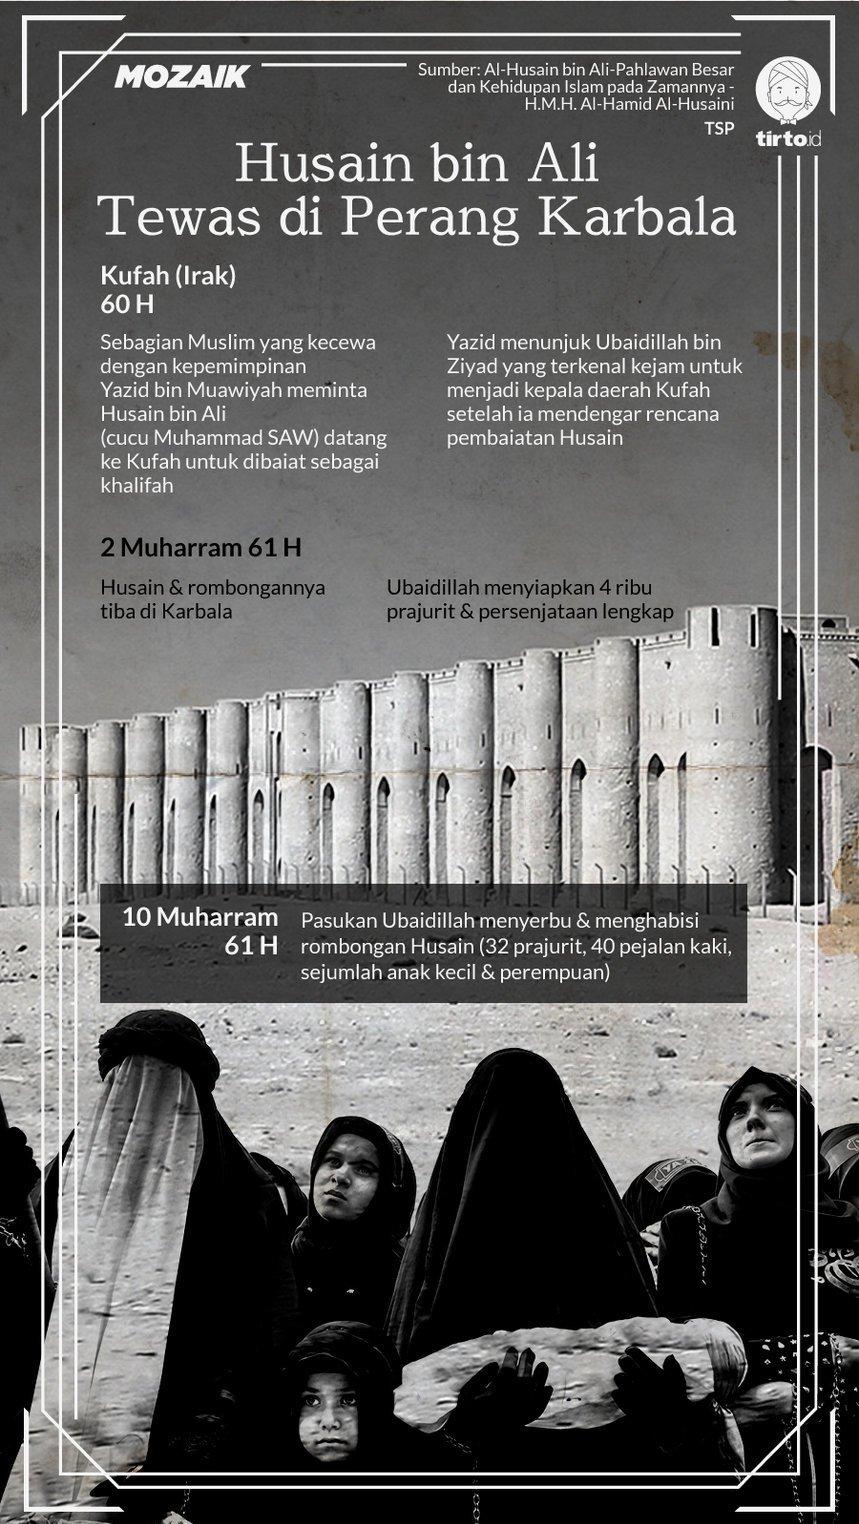 Infografik Mozaik Husain karbala